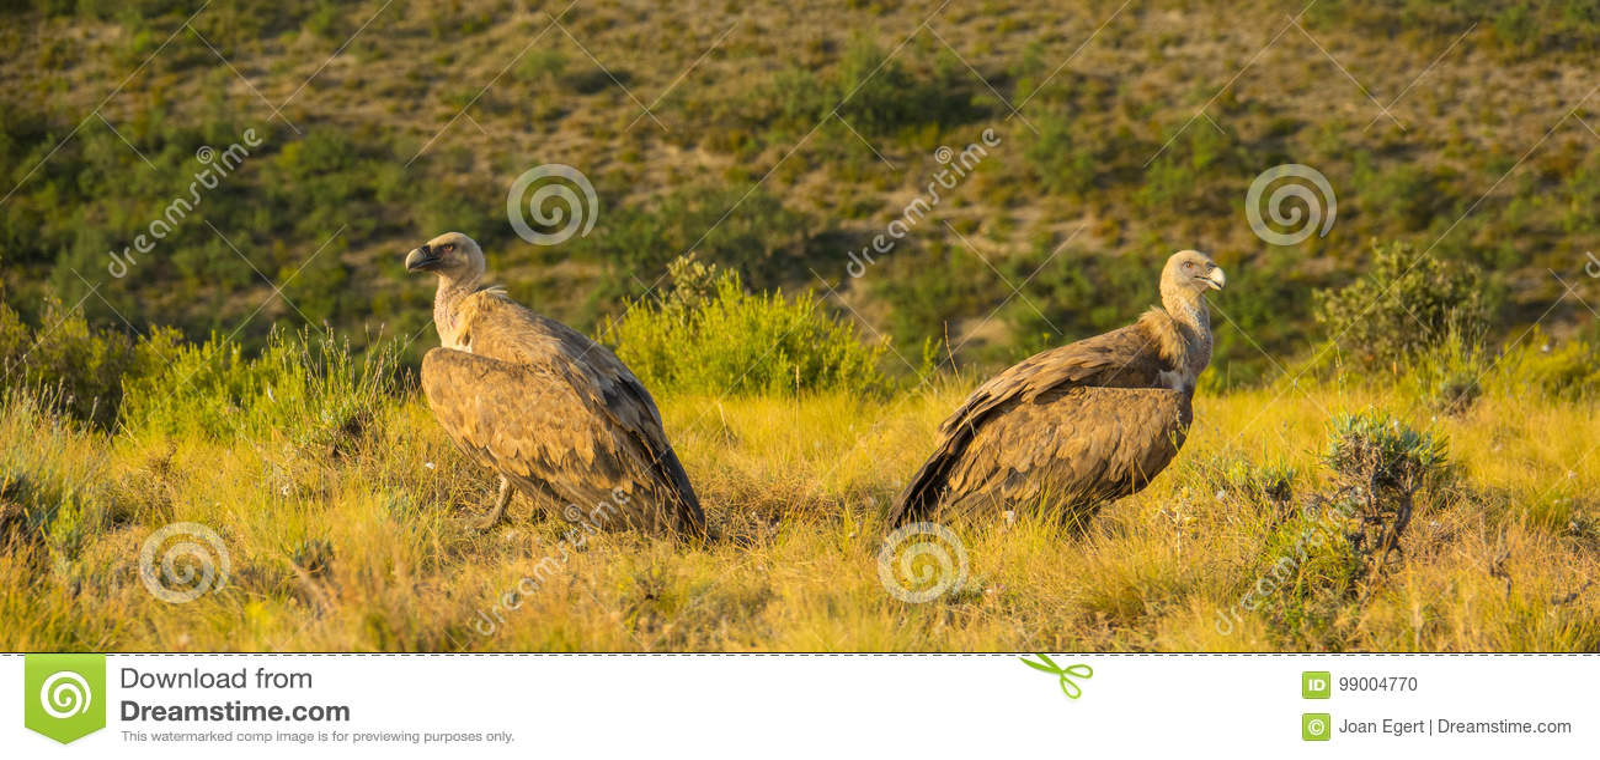 Zwei Griffon Vultures, das ihren Rückseiten gibt